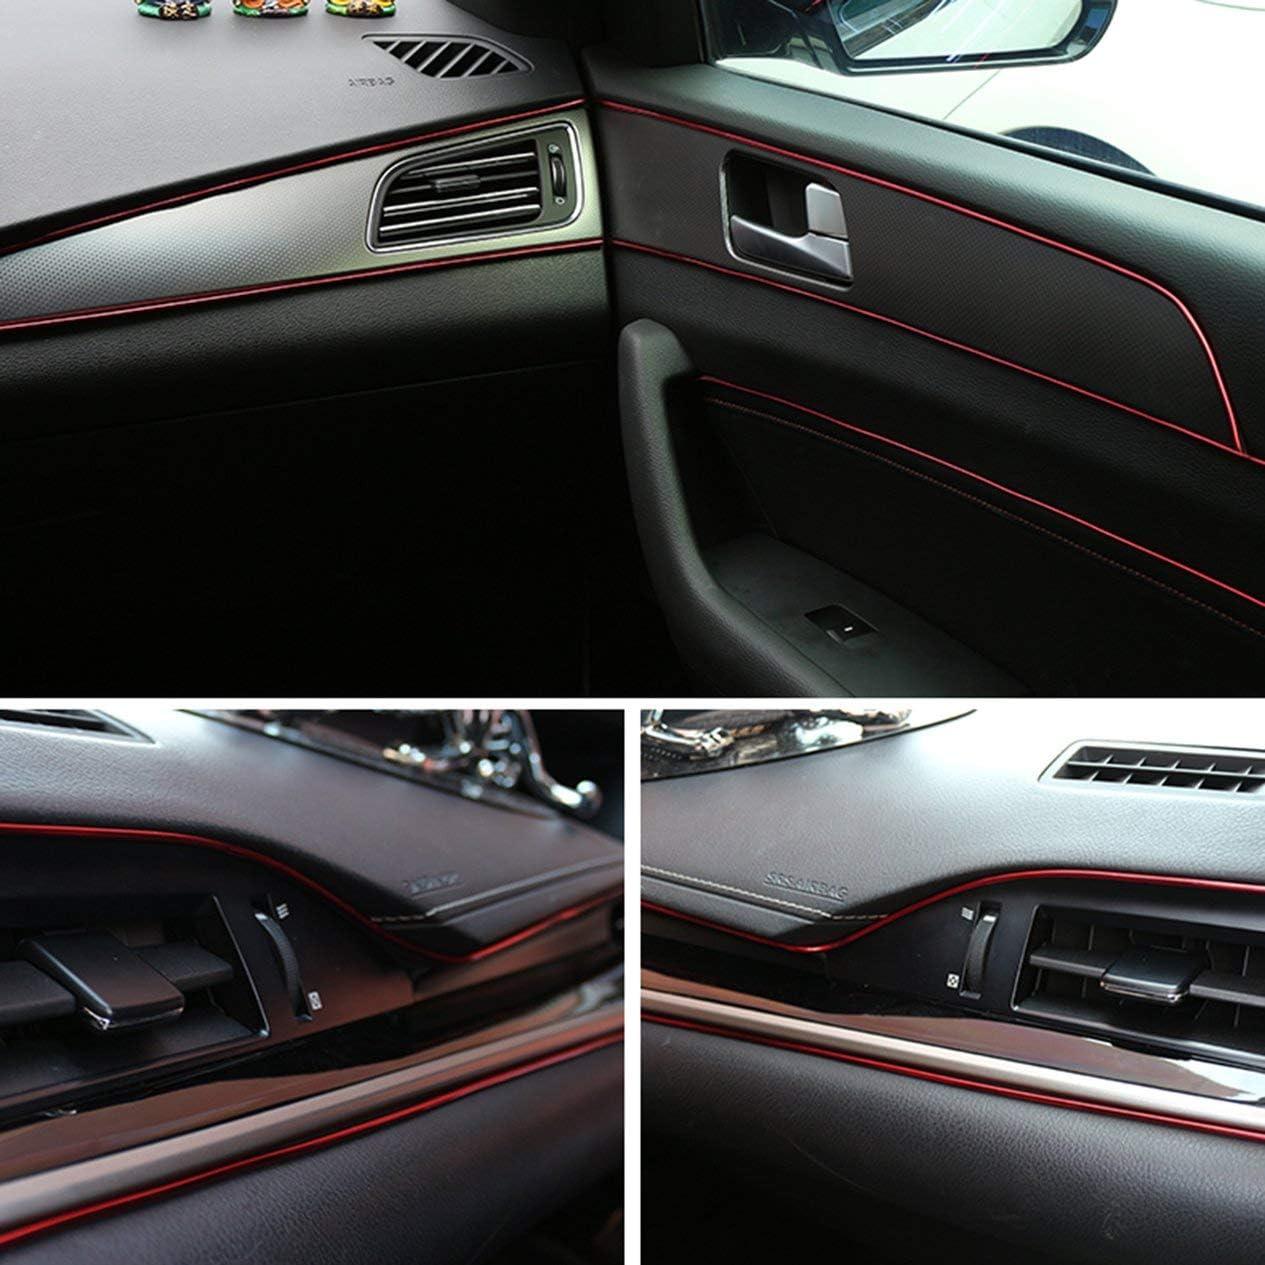 Rosso) Strisce decorative per carrozzeria 5M Cornici interne auto Finitura Strisce decorative Cruscotto Decorazione adesivav BCVBFGCXVB